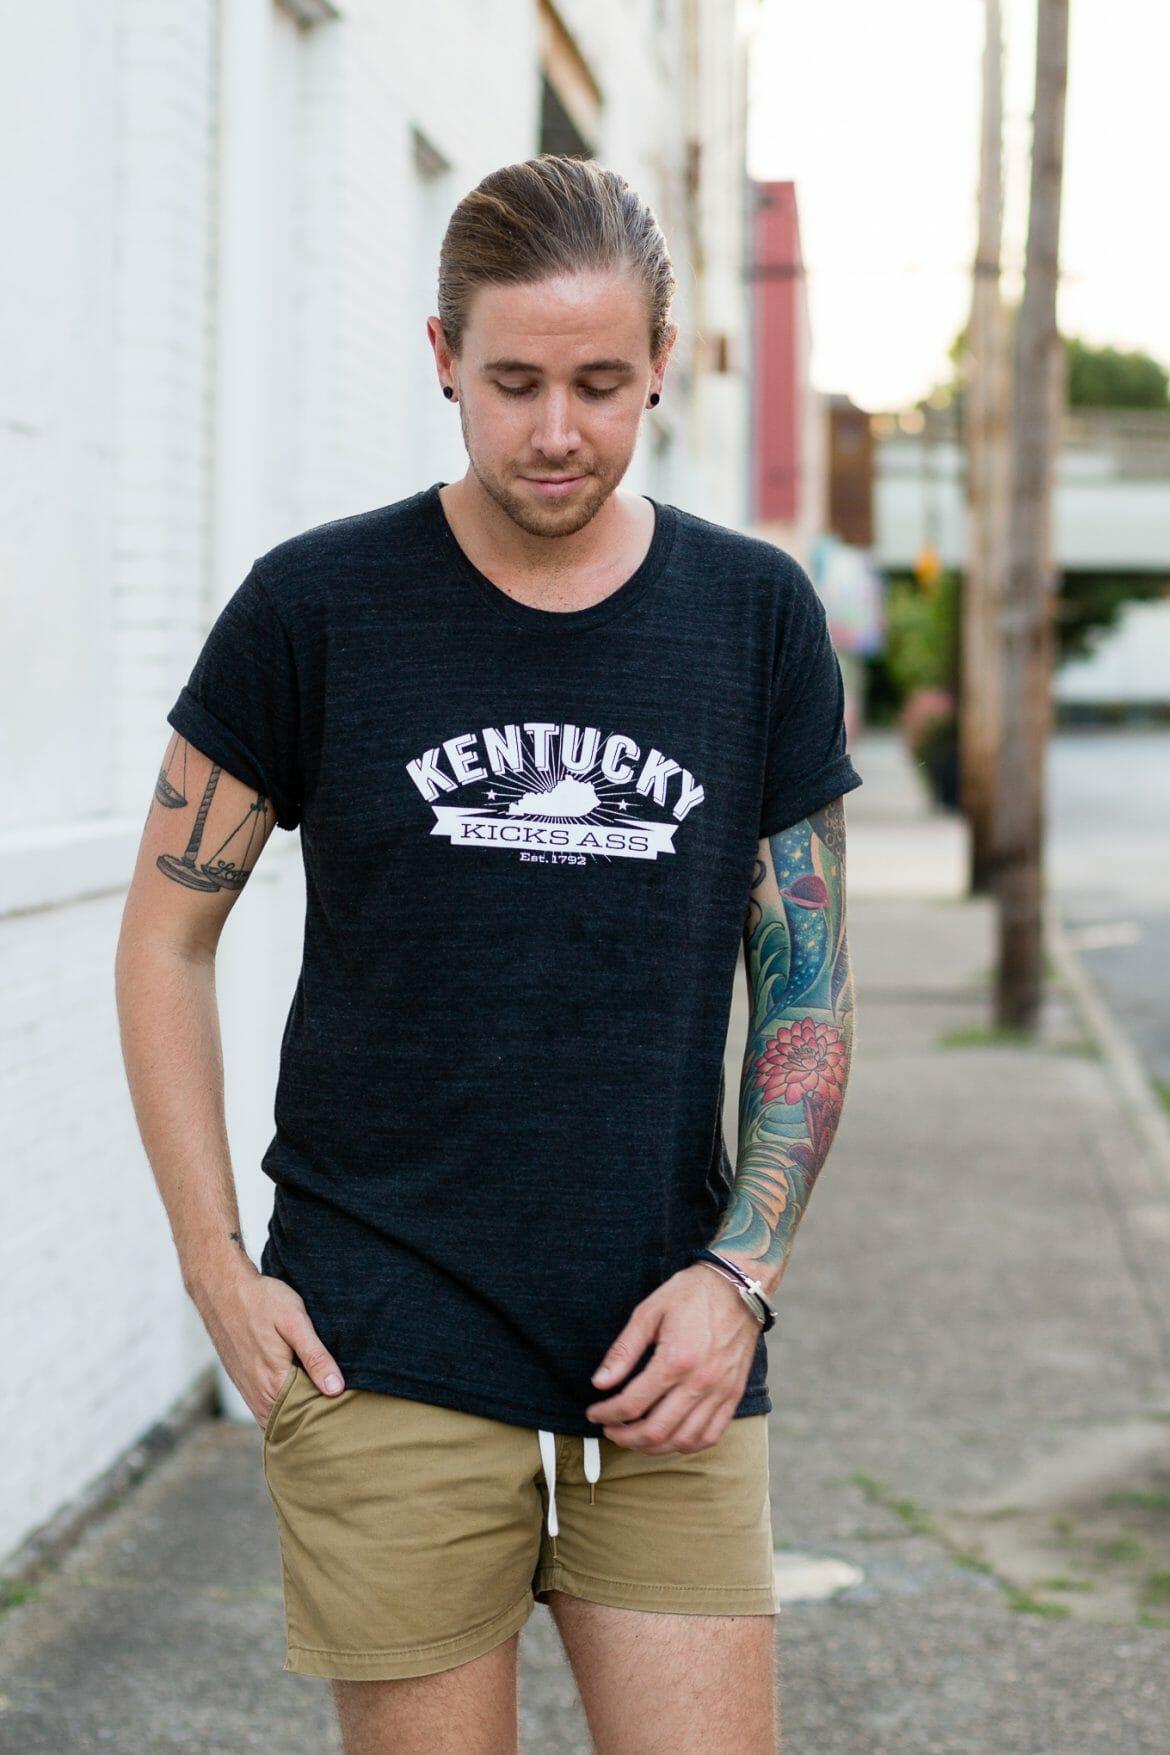 kentucky for kentucky, kentucky kicks ass, brooks regent sneaker, mens fashion, mens sneakers